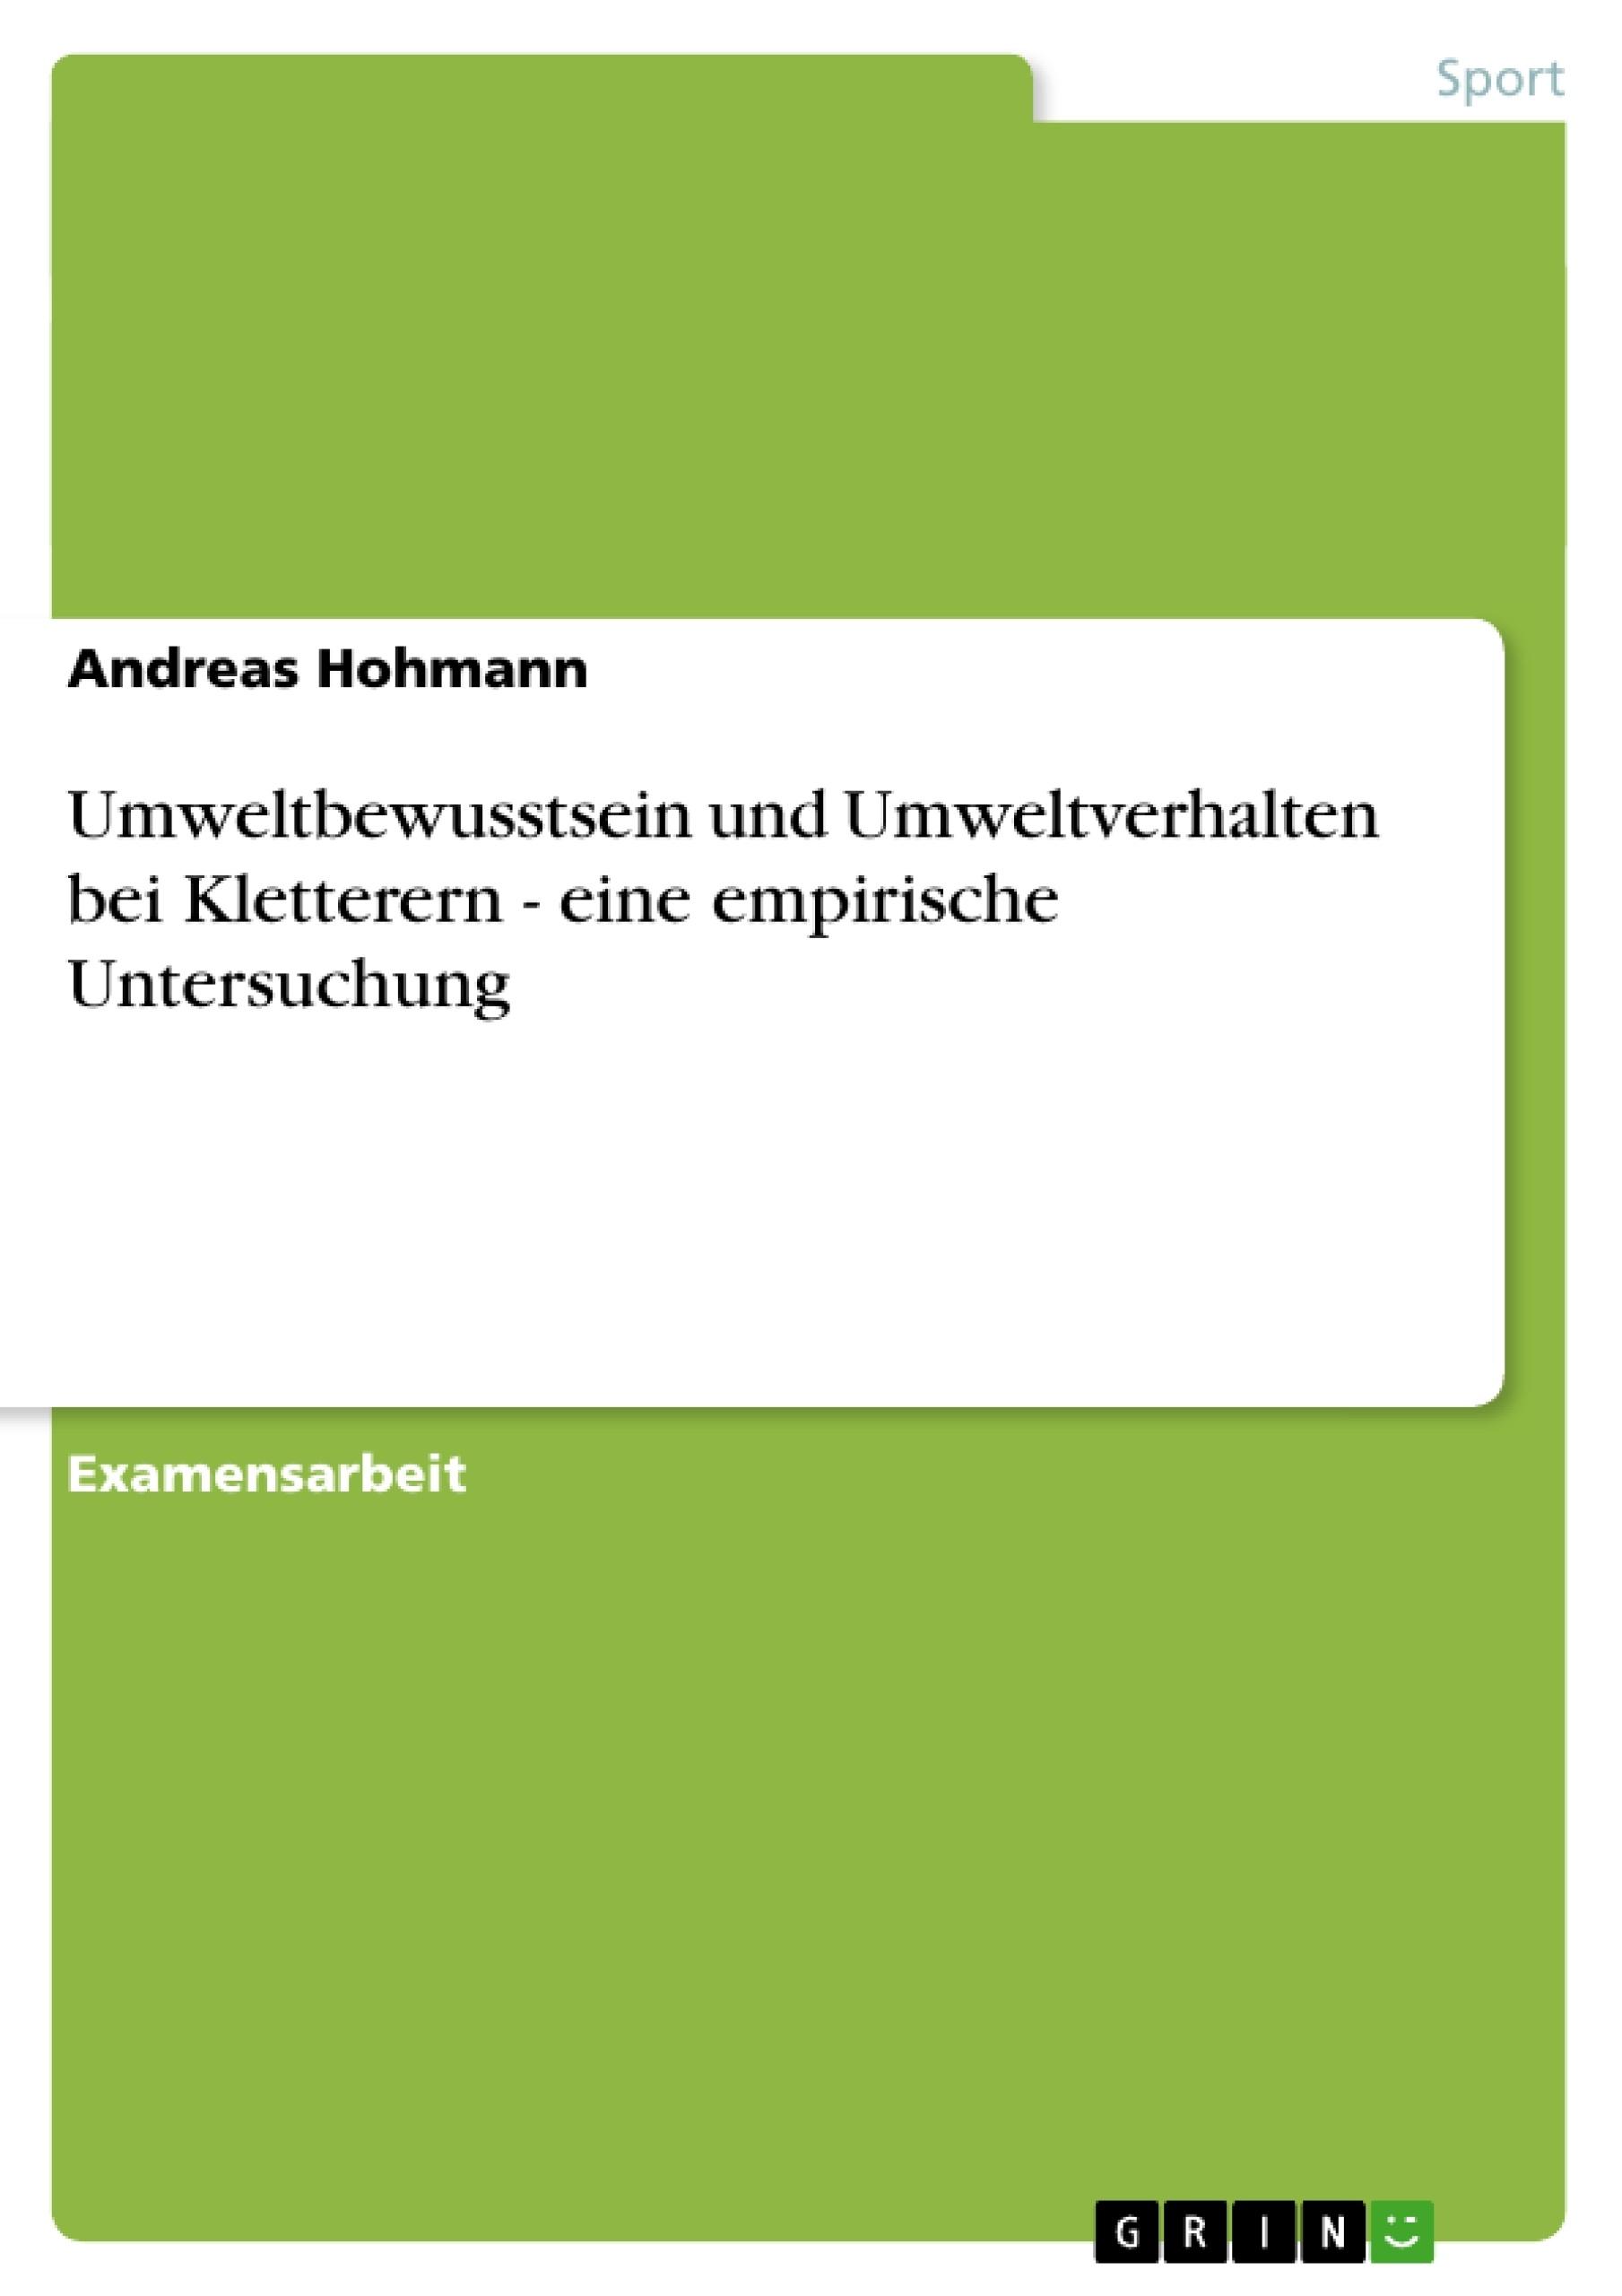 Titel: Umweltbewusstsein und Umweltverhalten bei Kletterern - eine empirische Untersuchung